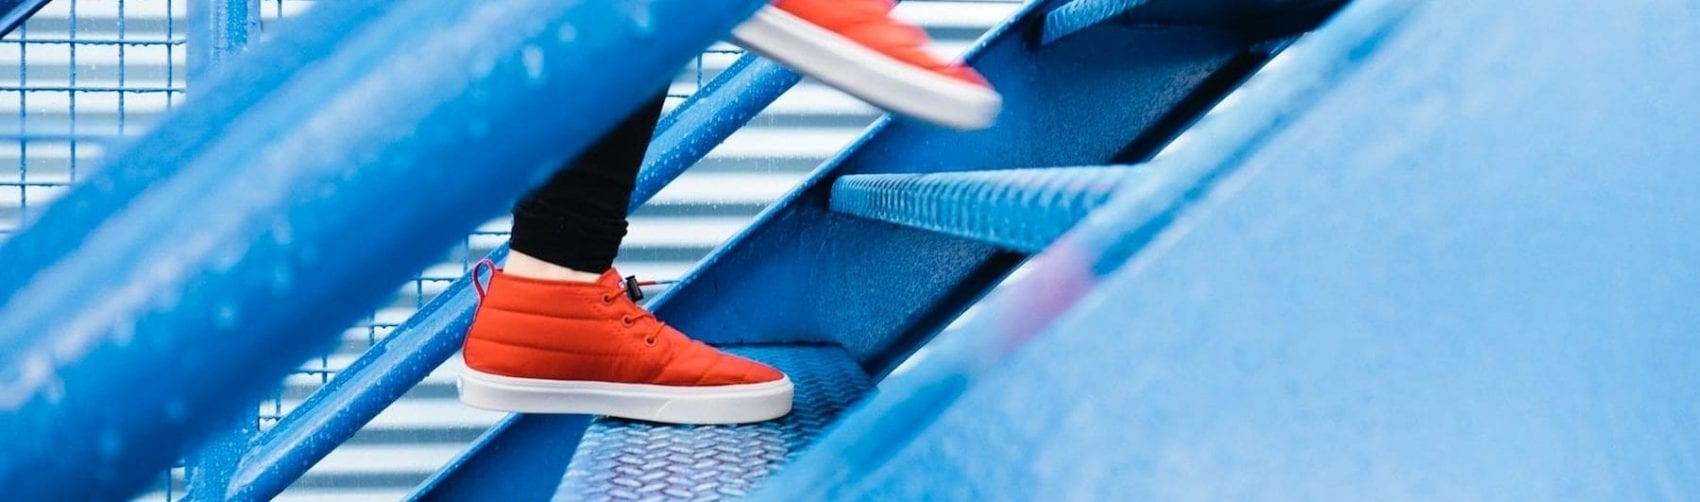 5 steps to b2b inbound marketing